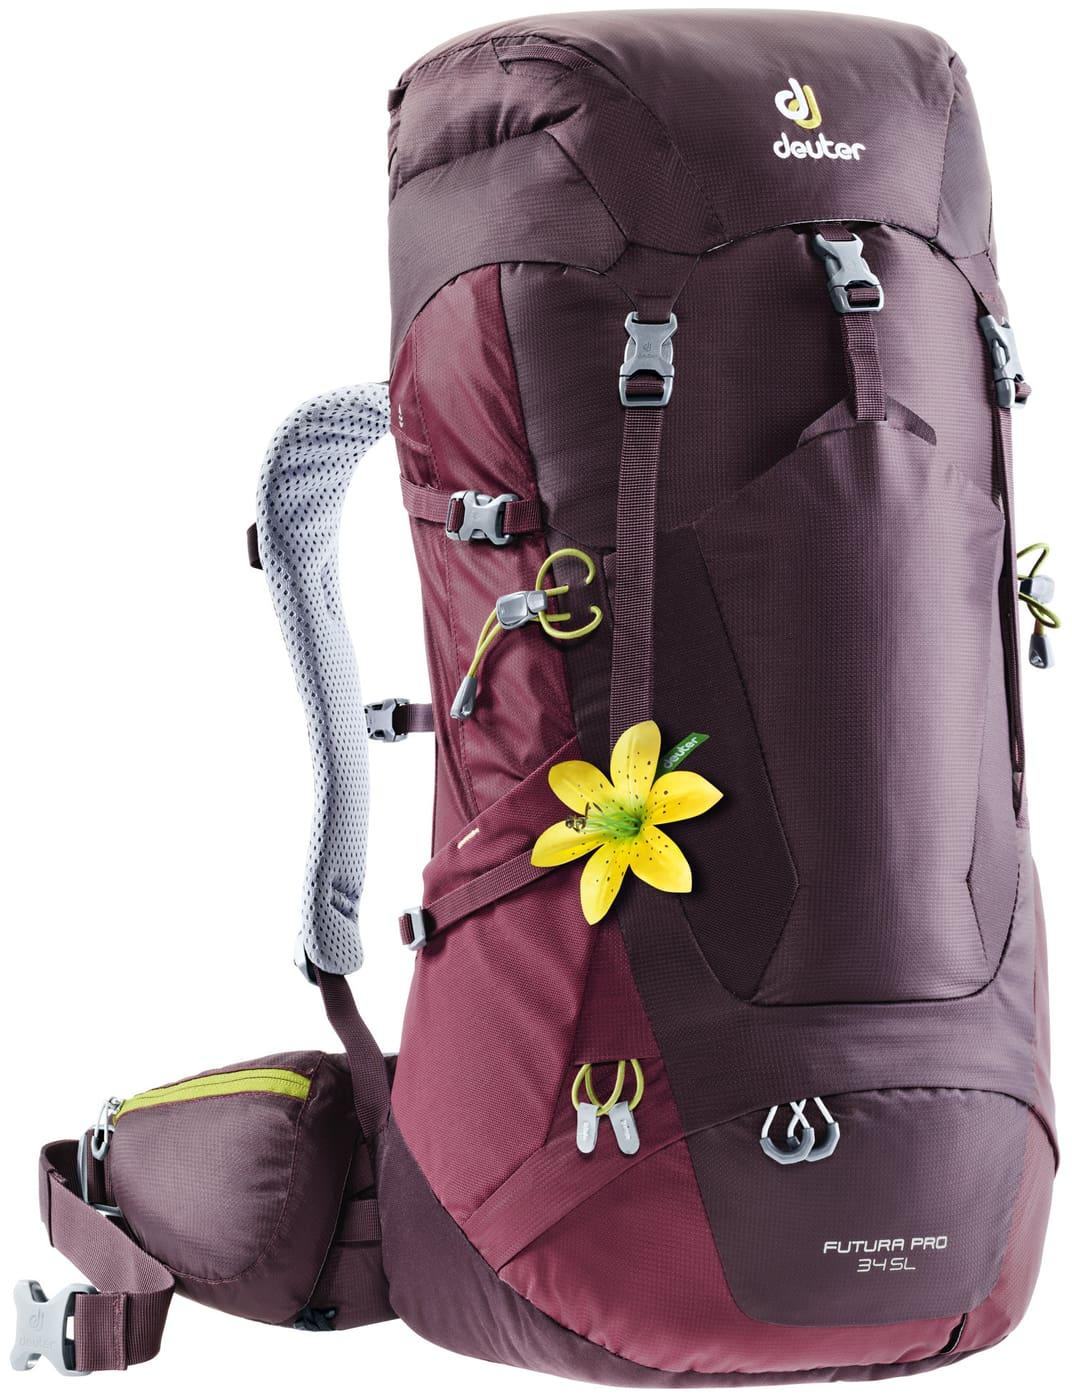 unglaubliche Preise heißer Verkauf online zuverlässige Qualität Deuter Futura Pro 34 SL Damen-Rucksack